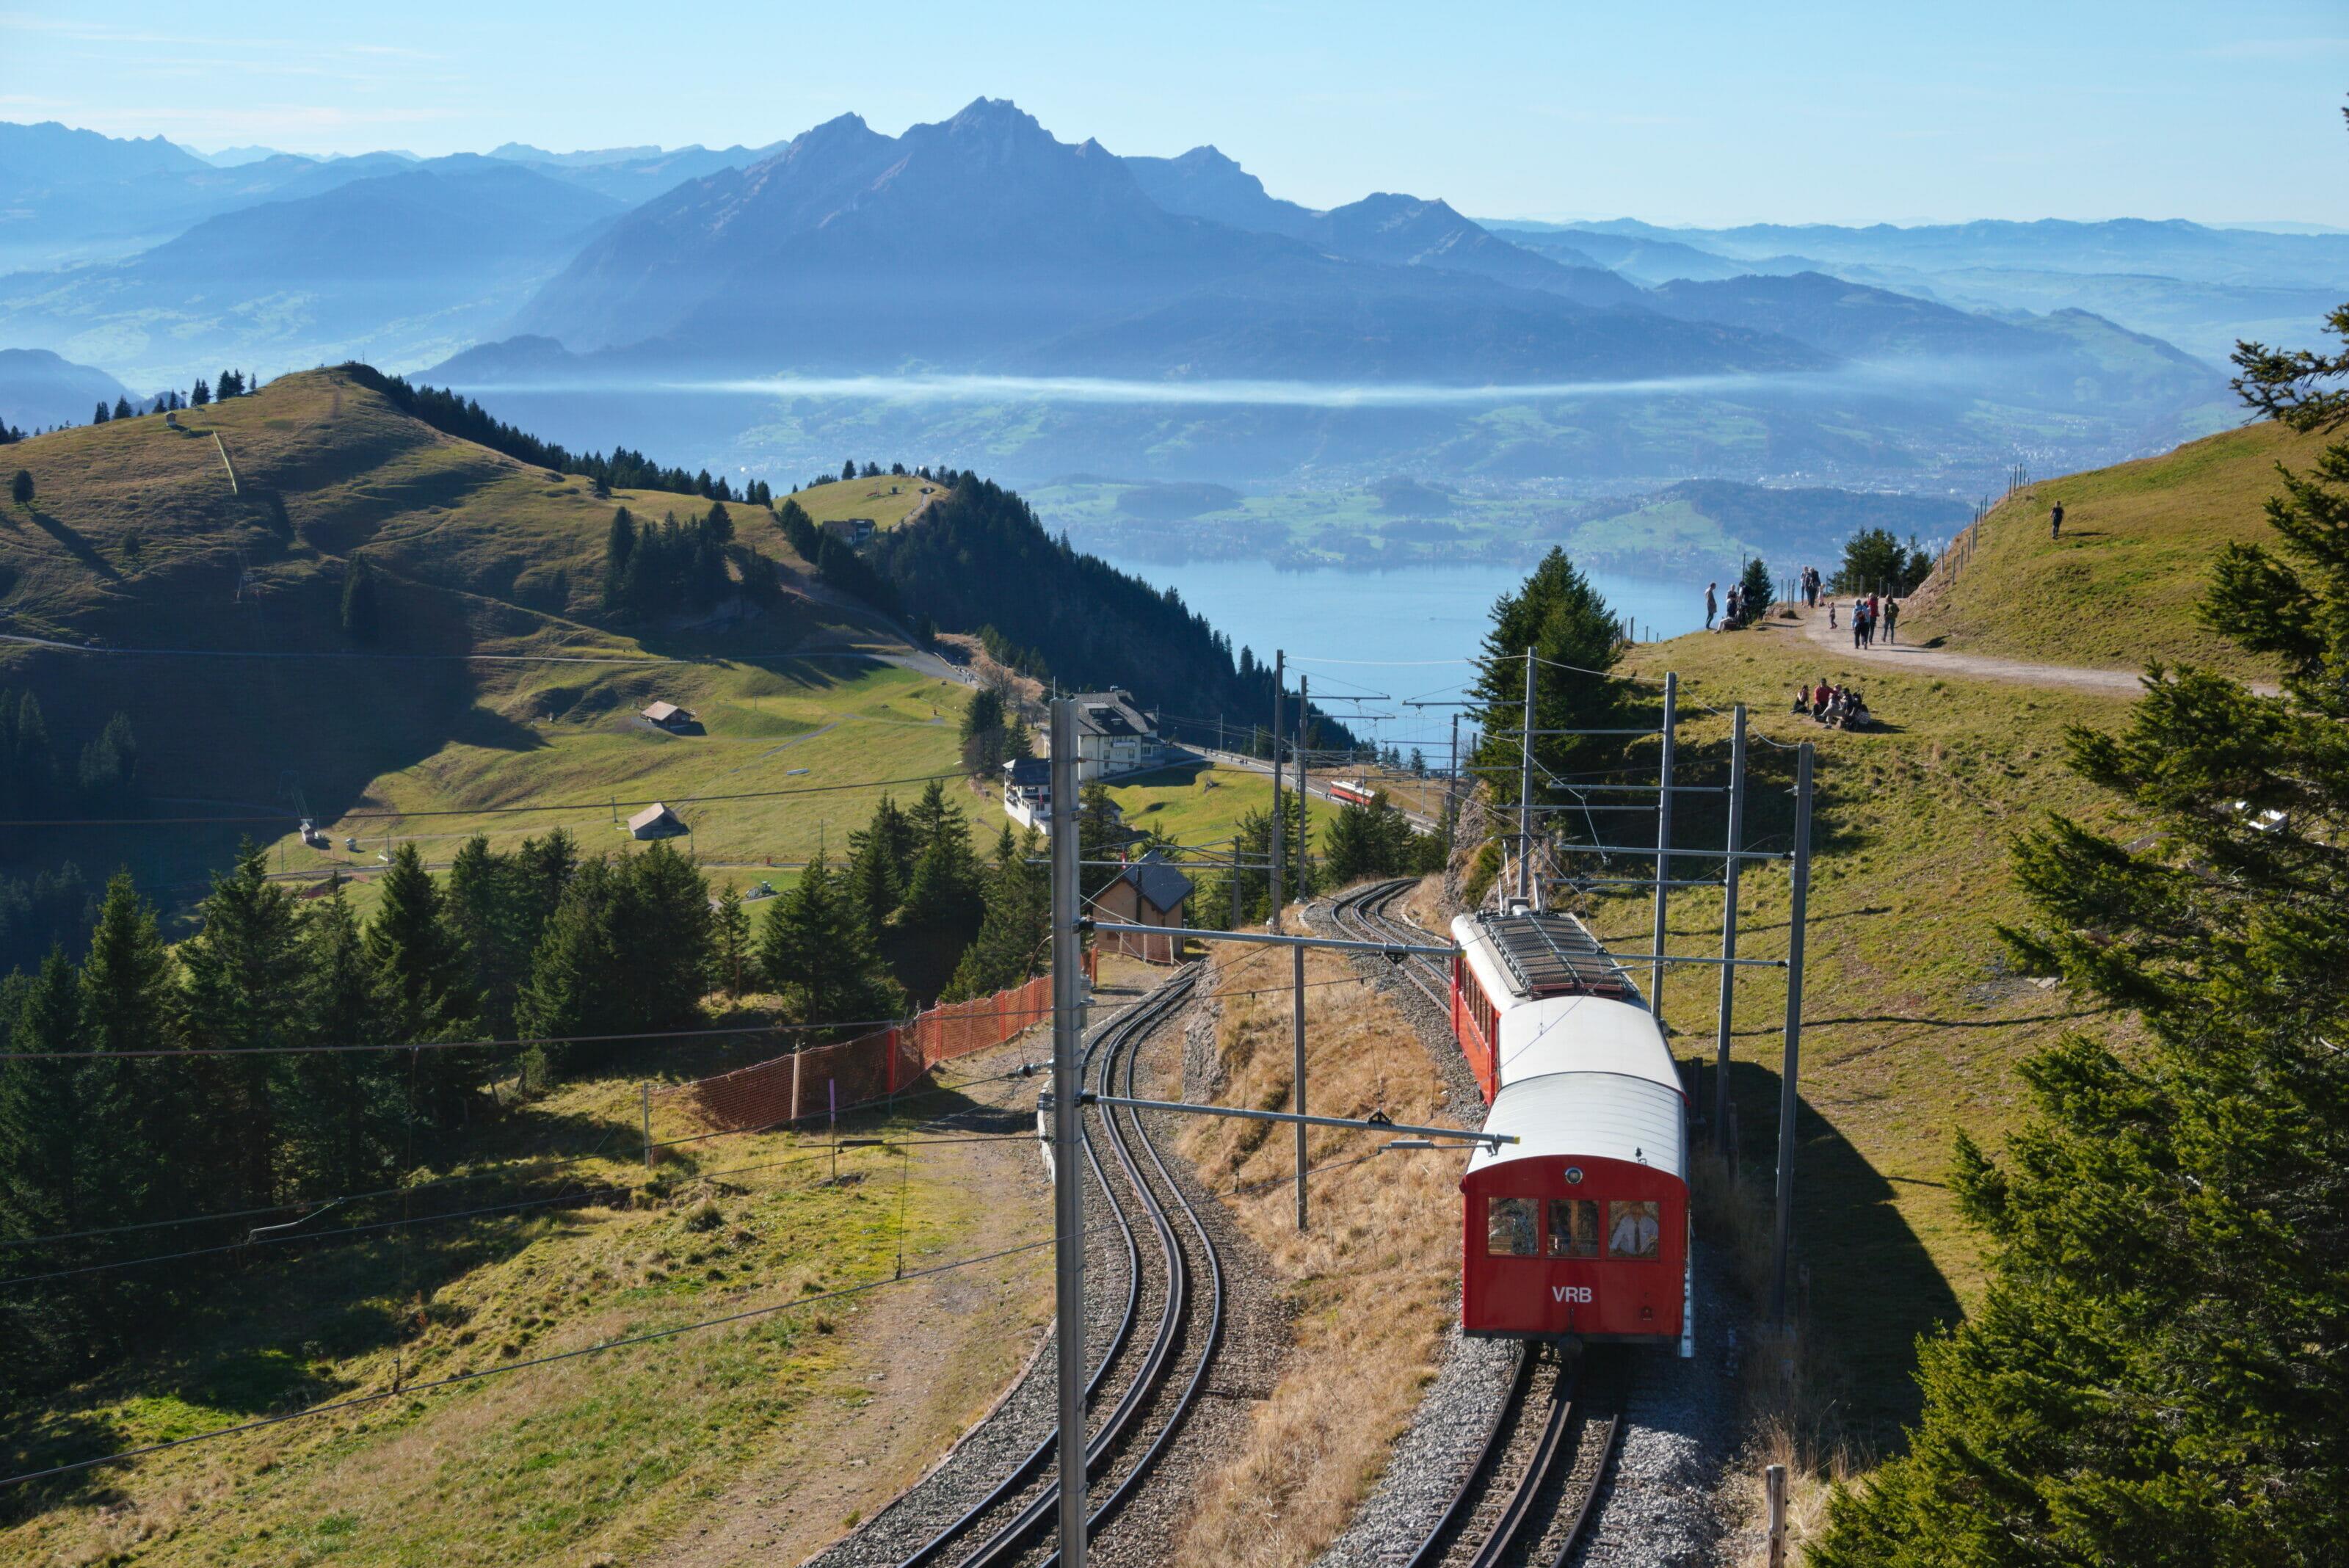 le train du mont rigi sur le lac des 4 cantons